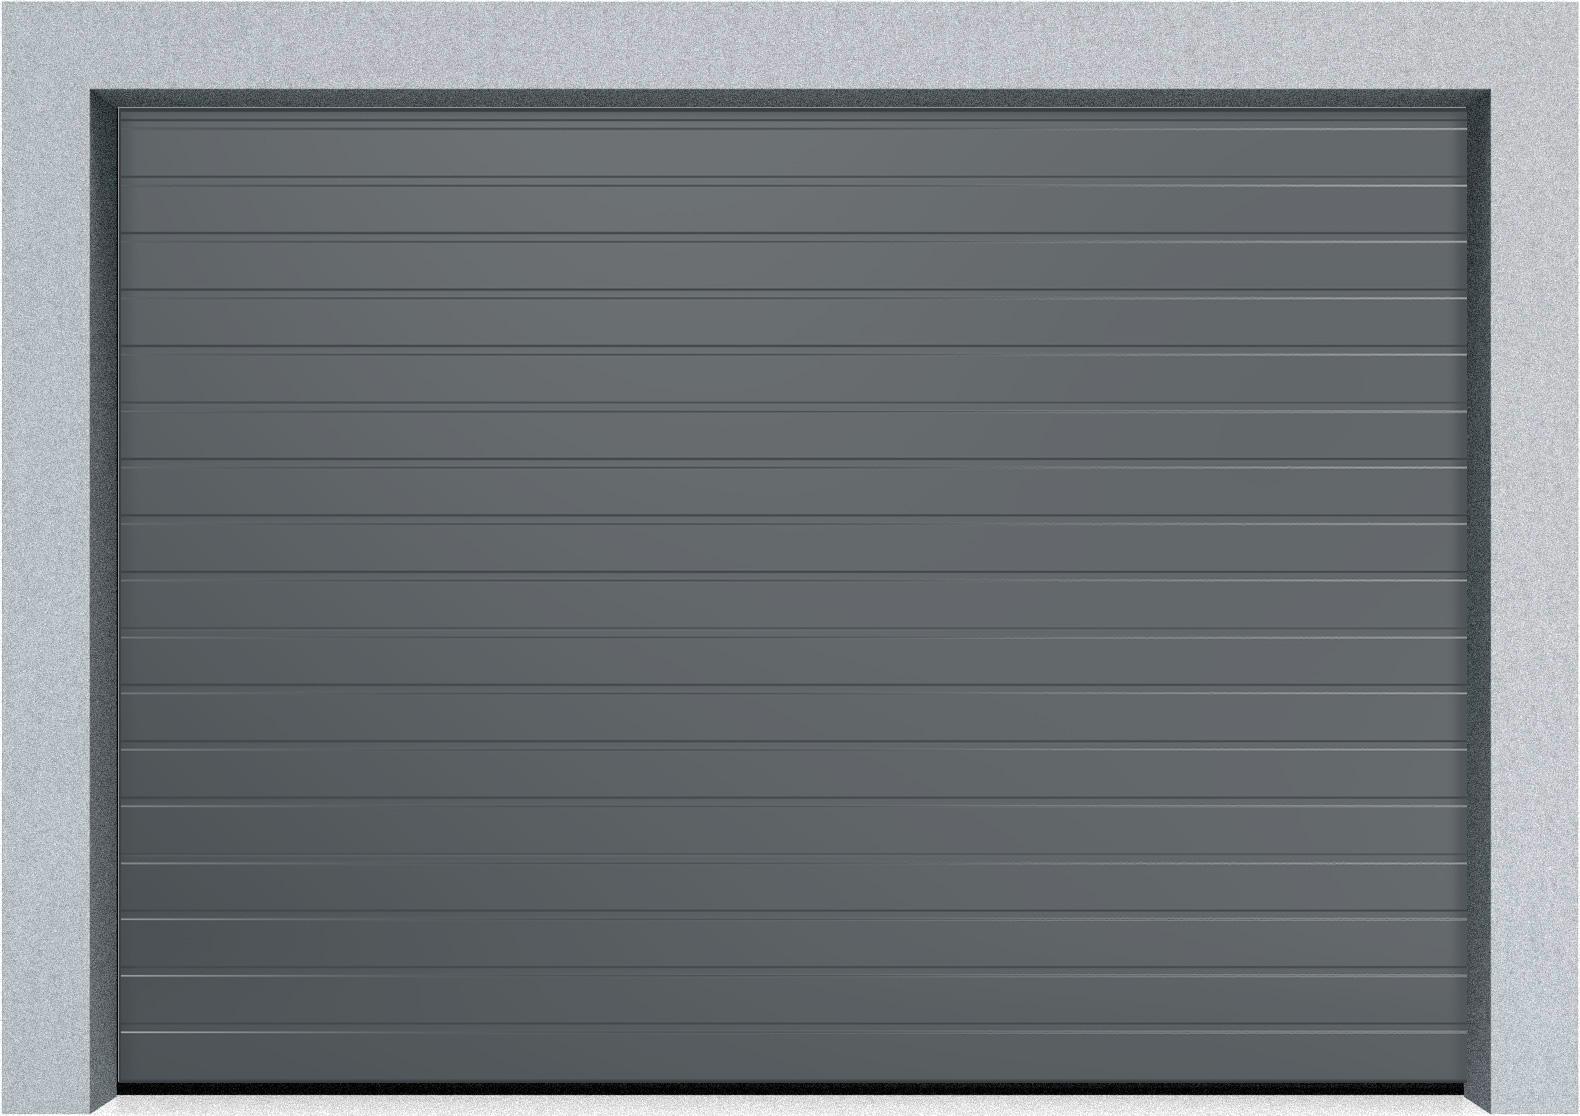 Секционные гаражные ворота Alutech Trend 1875x2250 S-гофр, Микроволна стандартные цвета, пружины растяжения, фото 9